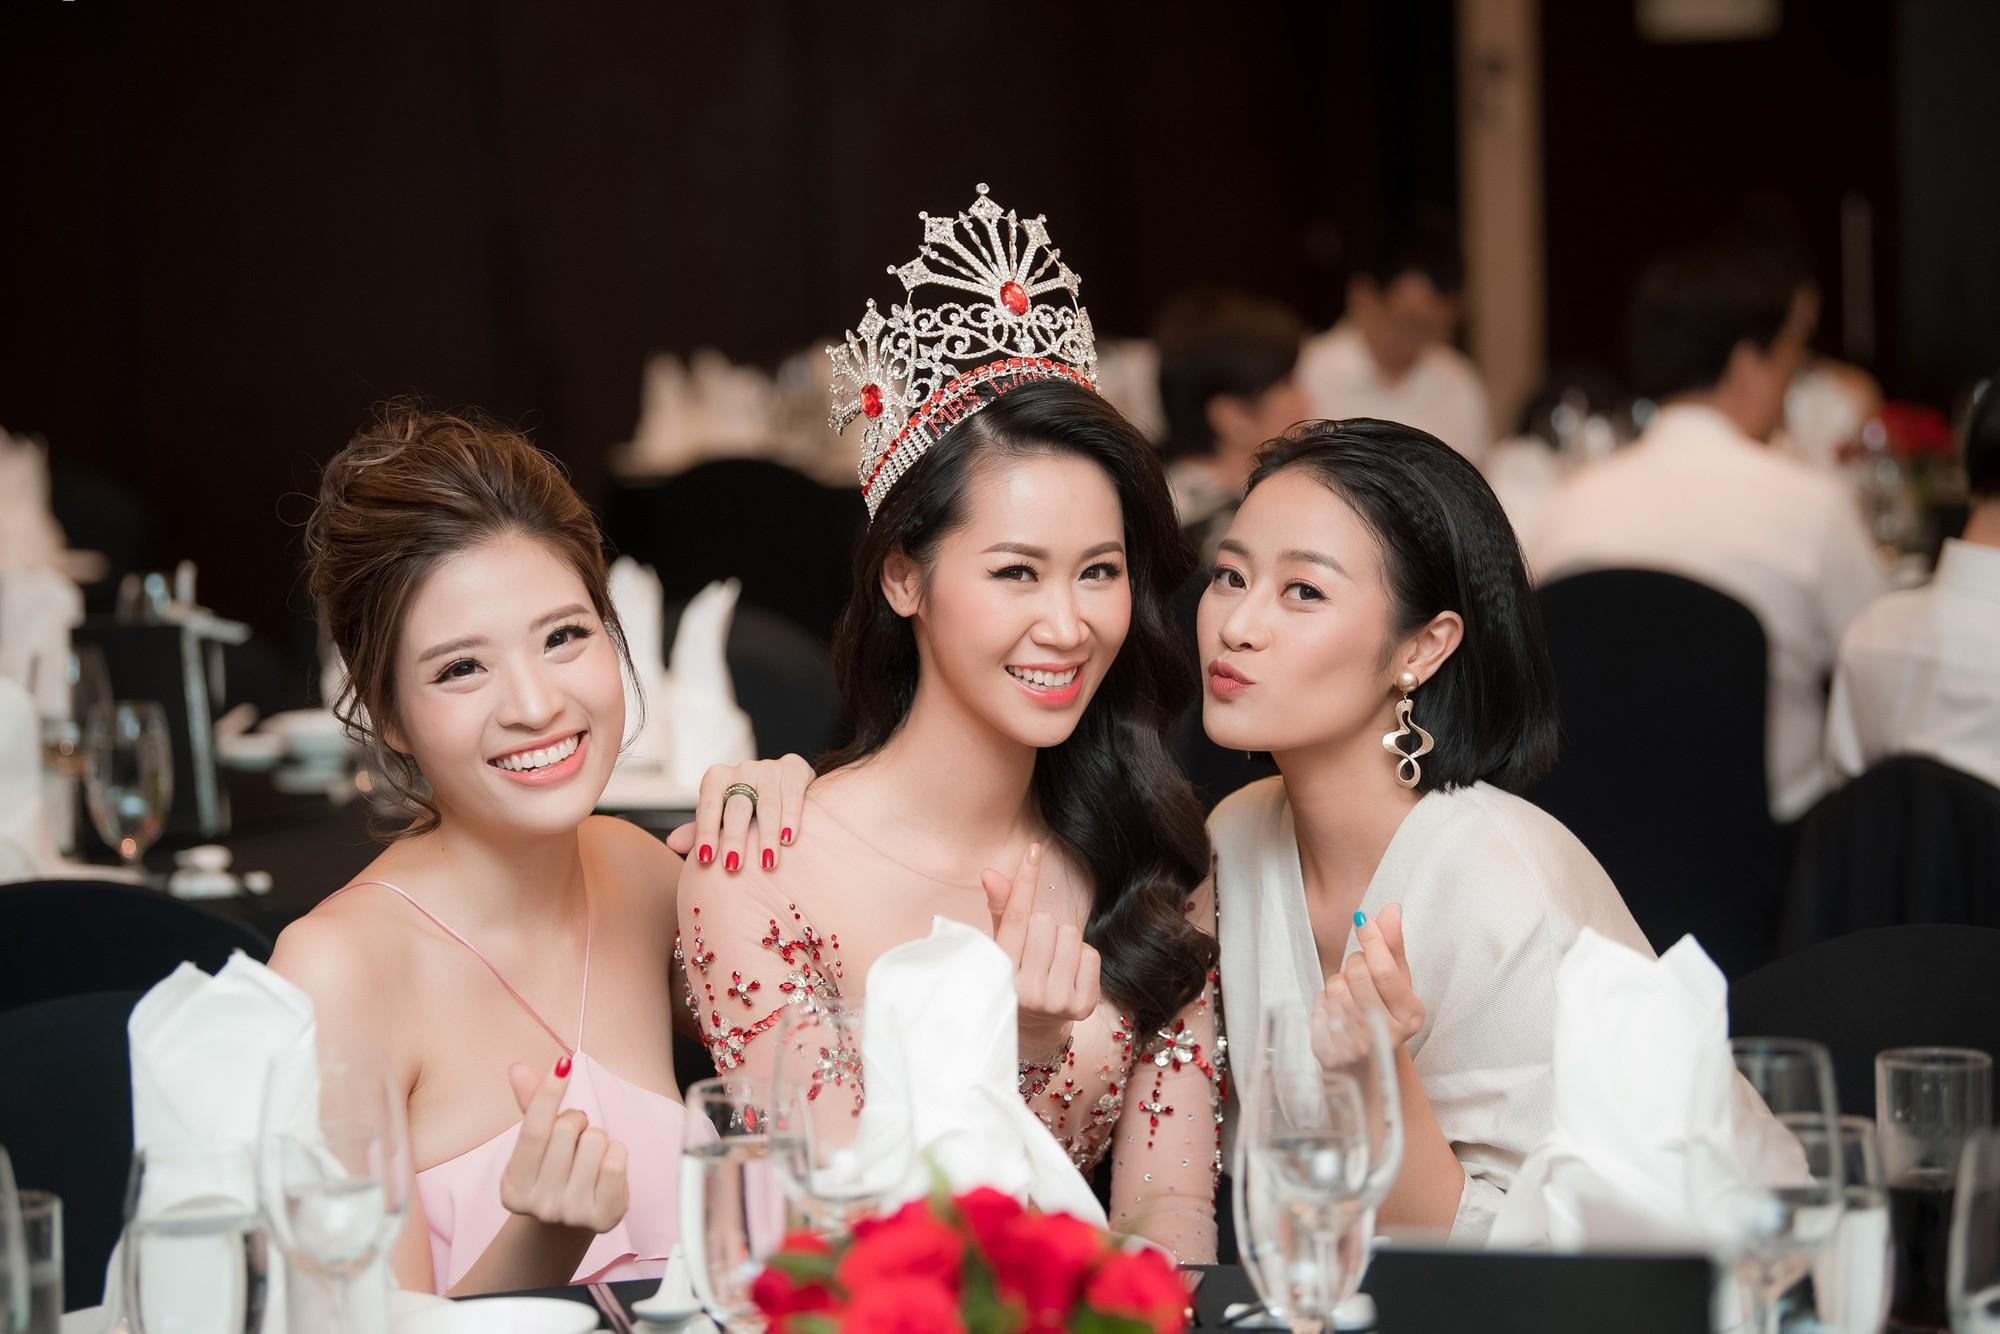 Dương Thùy Linh kể về cái ôm sau cánh gà trước khi được xướng tên Hoa hậu Quý bà toàn thế giới 2018 - Ảnh 13.